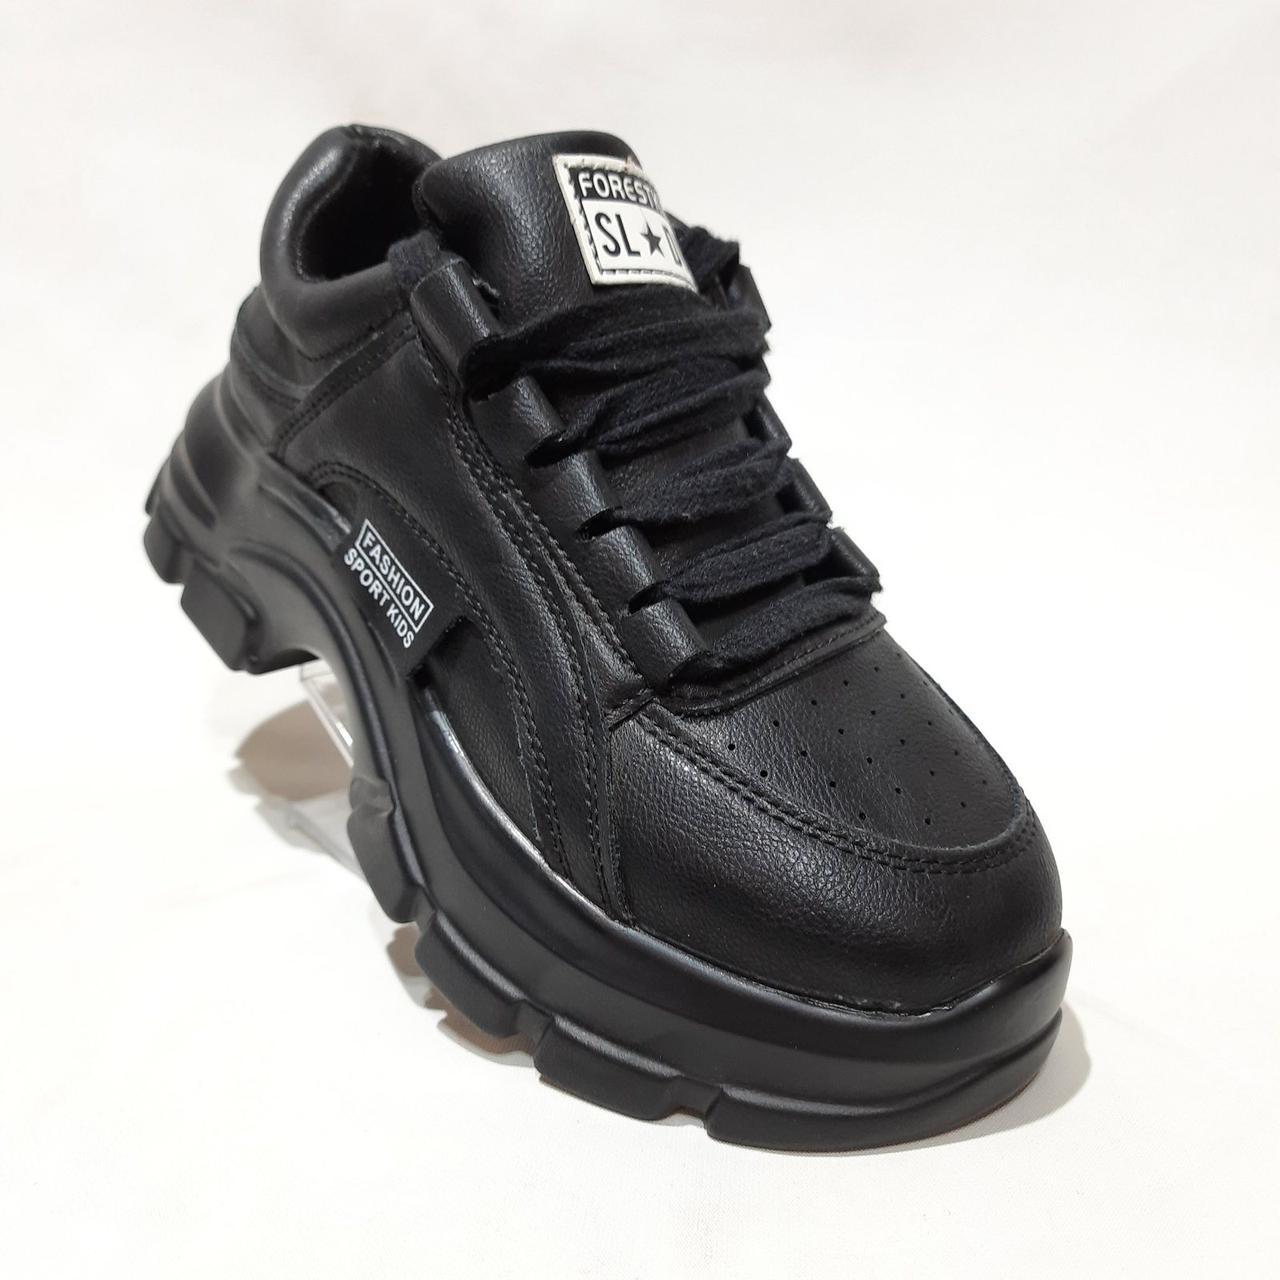 37,41 р. Женские кроссовки модные стильные из эко-кожи весенние маломерки  отличного качества Черные